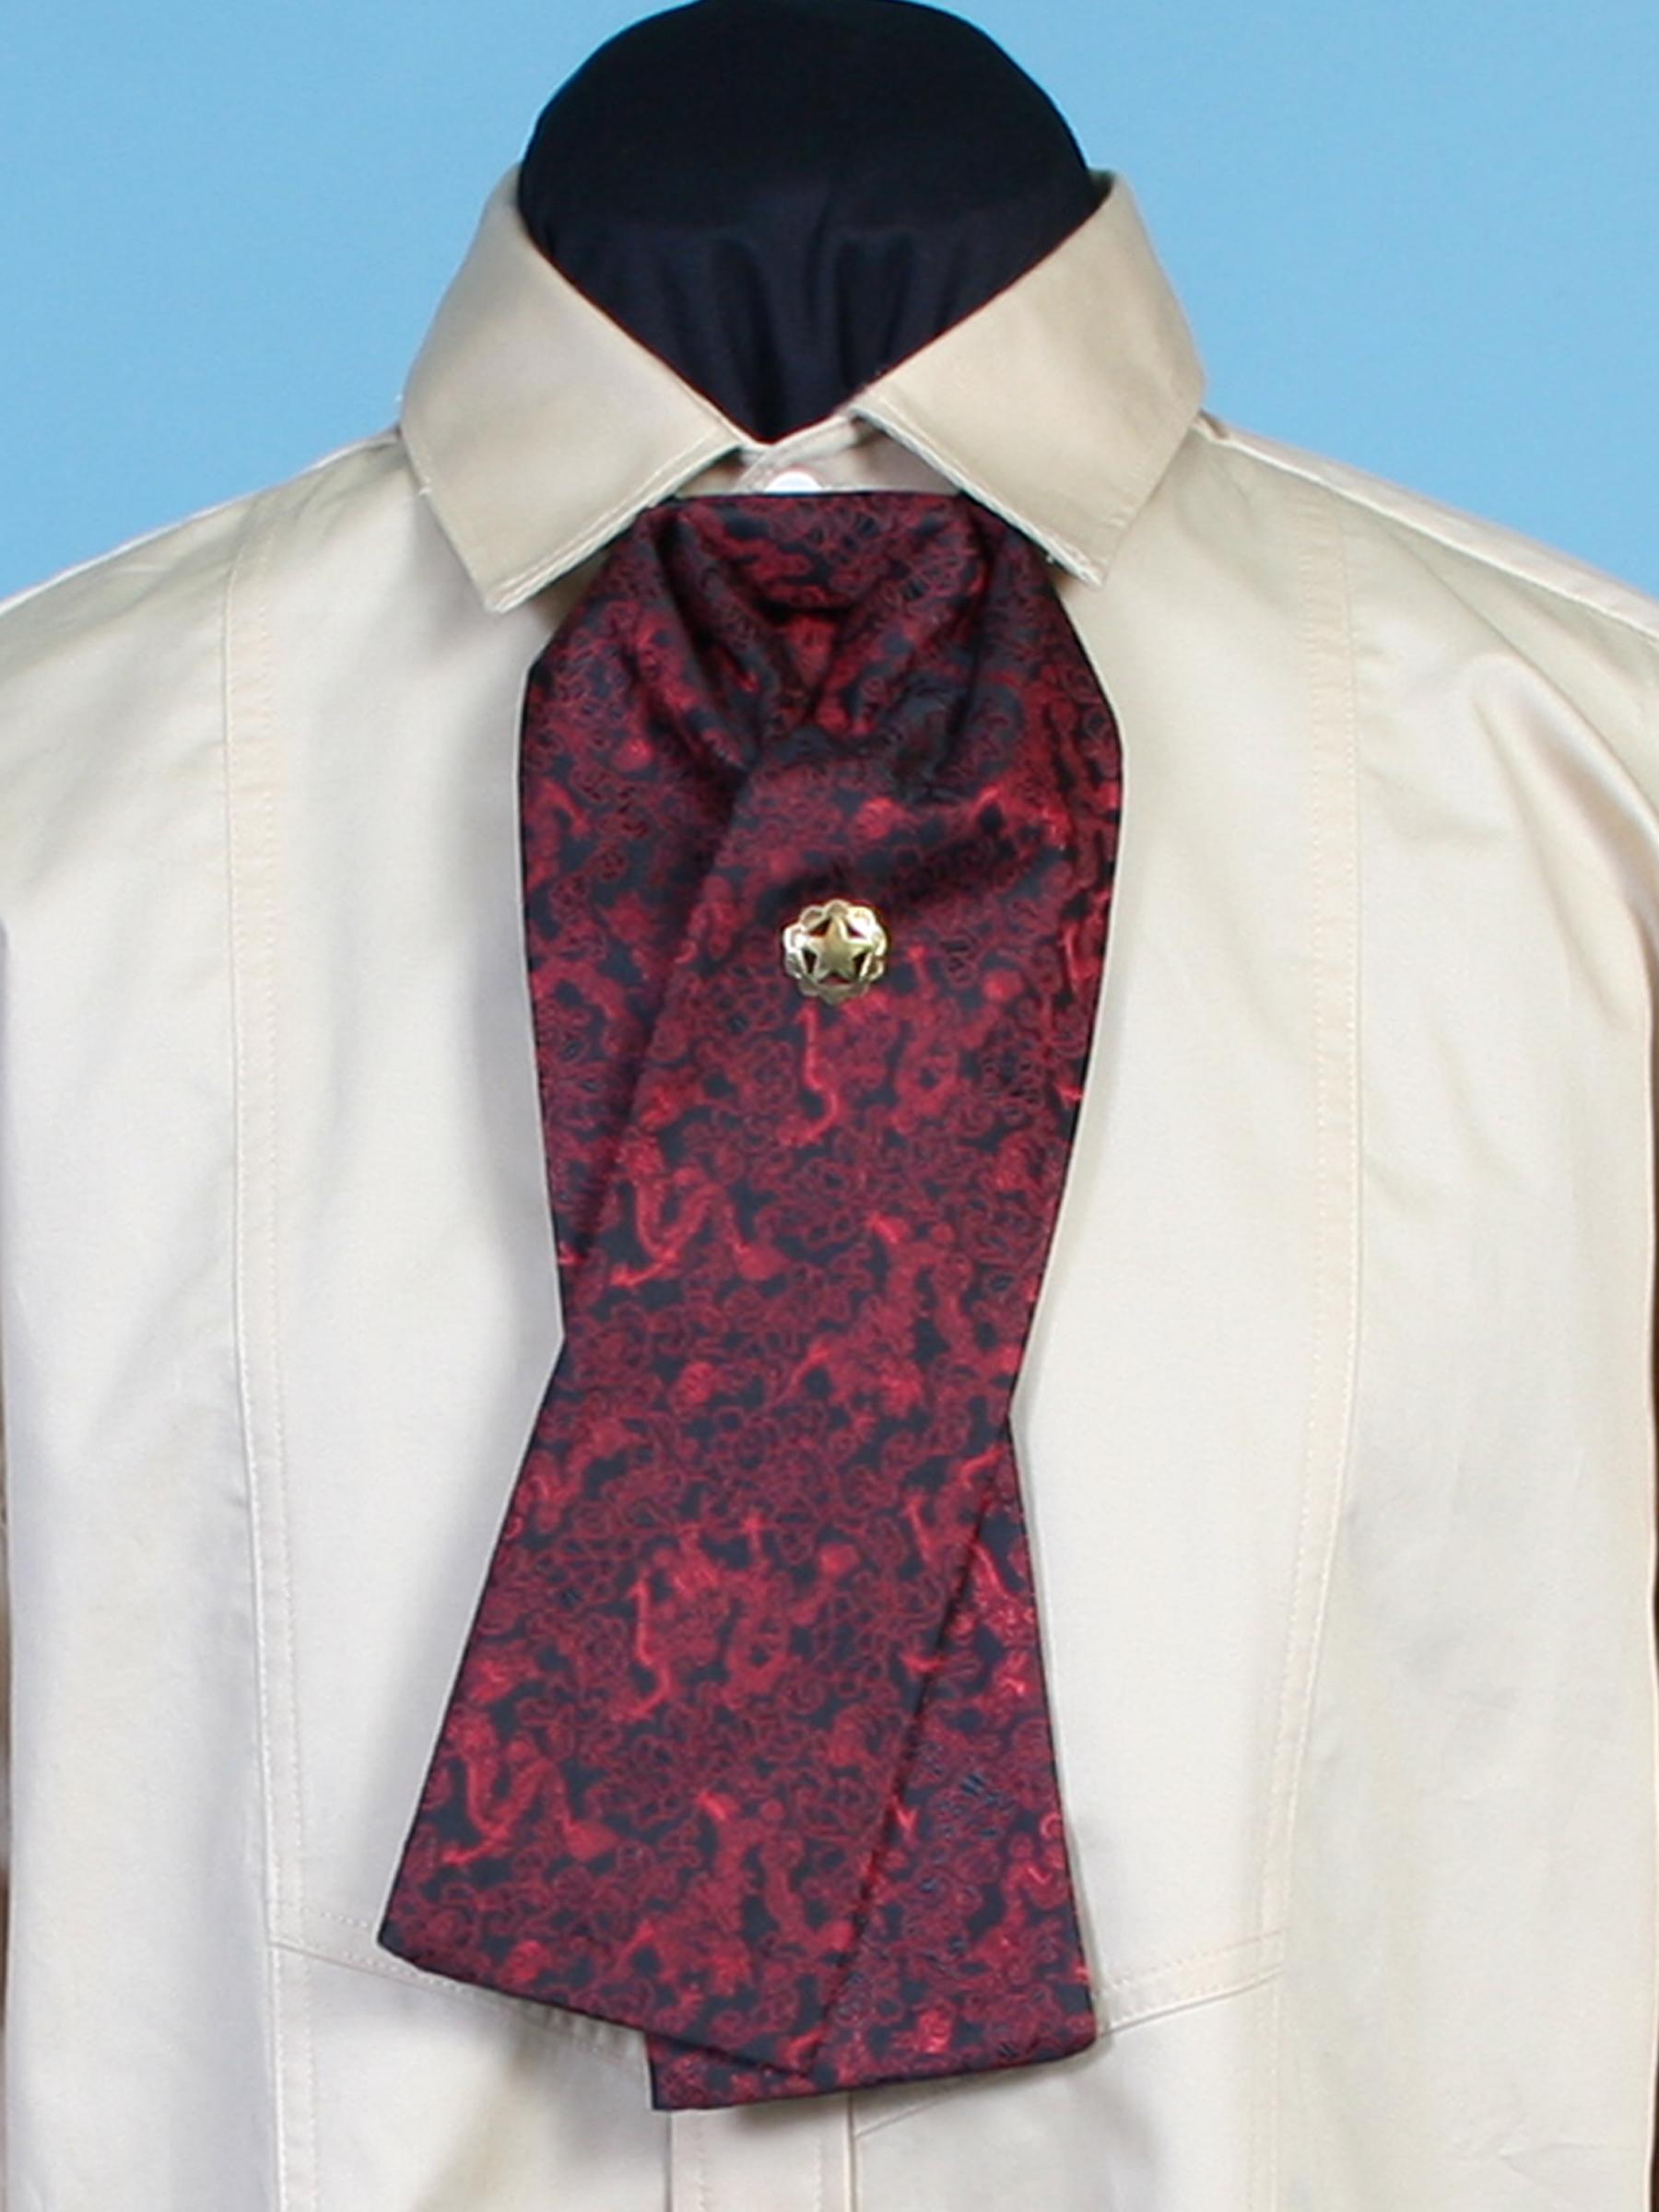 Dragon gentlemen's tie